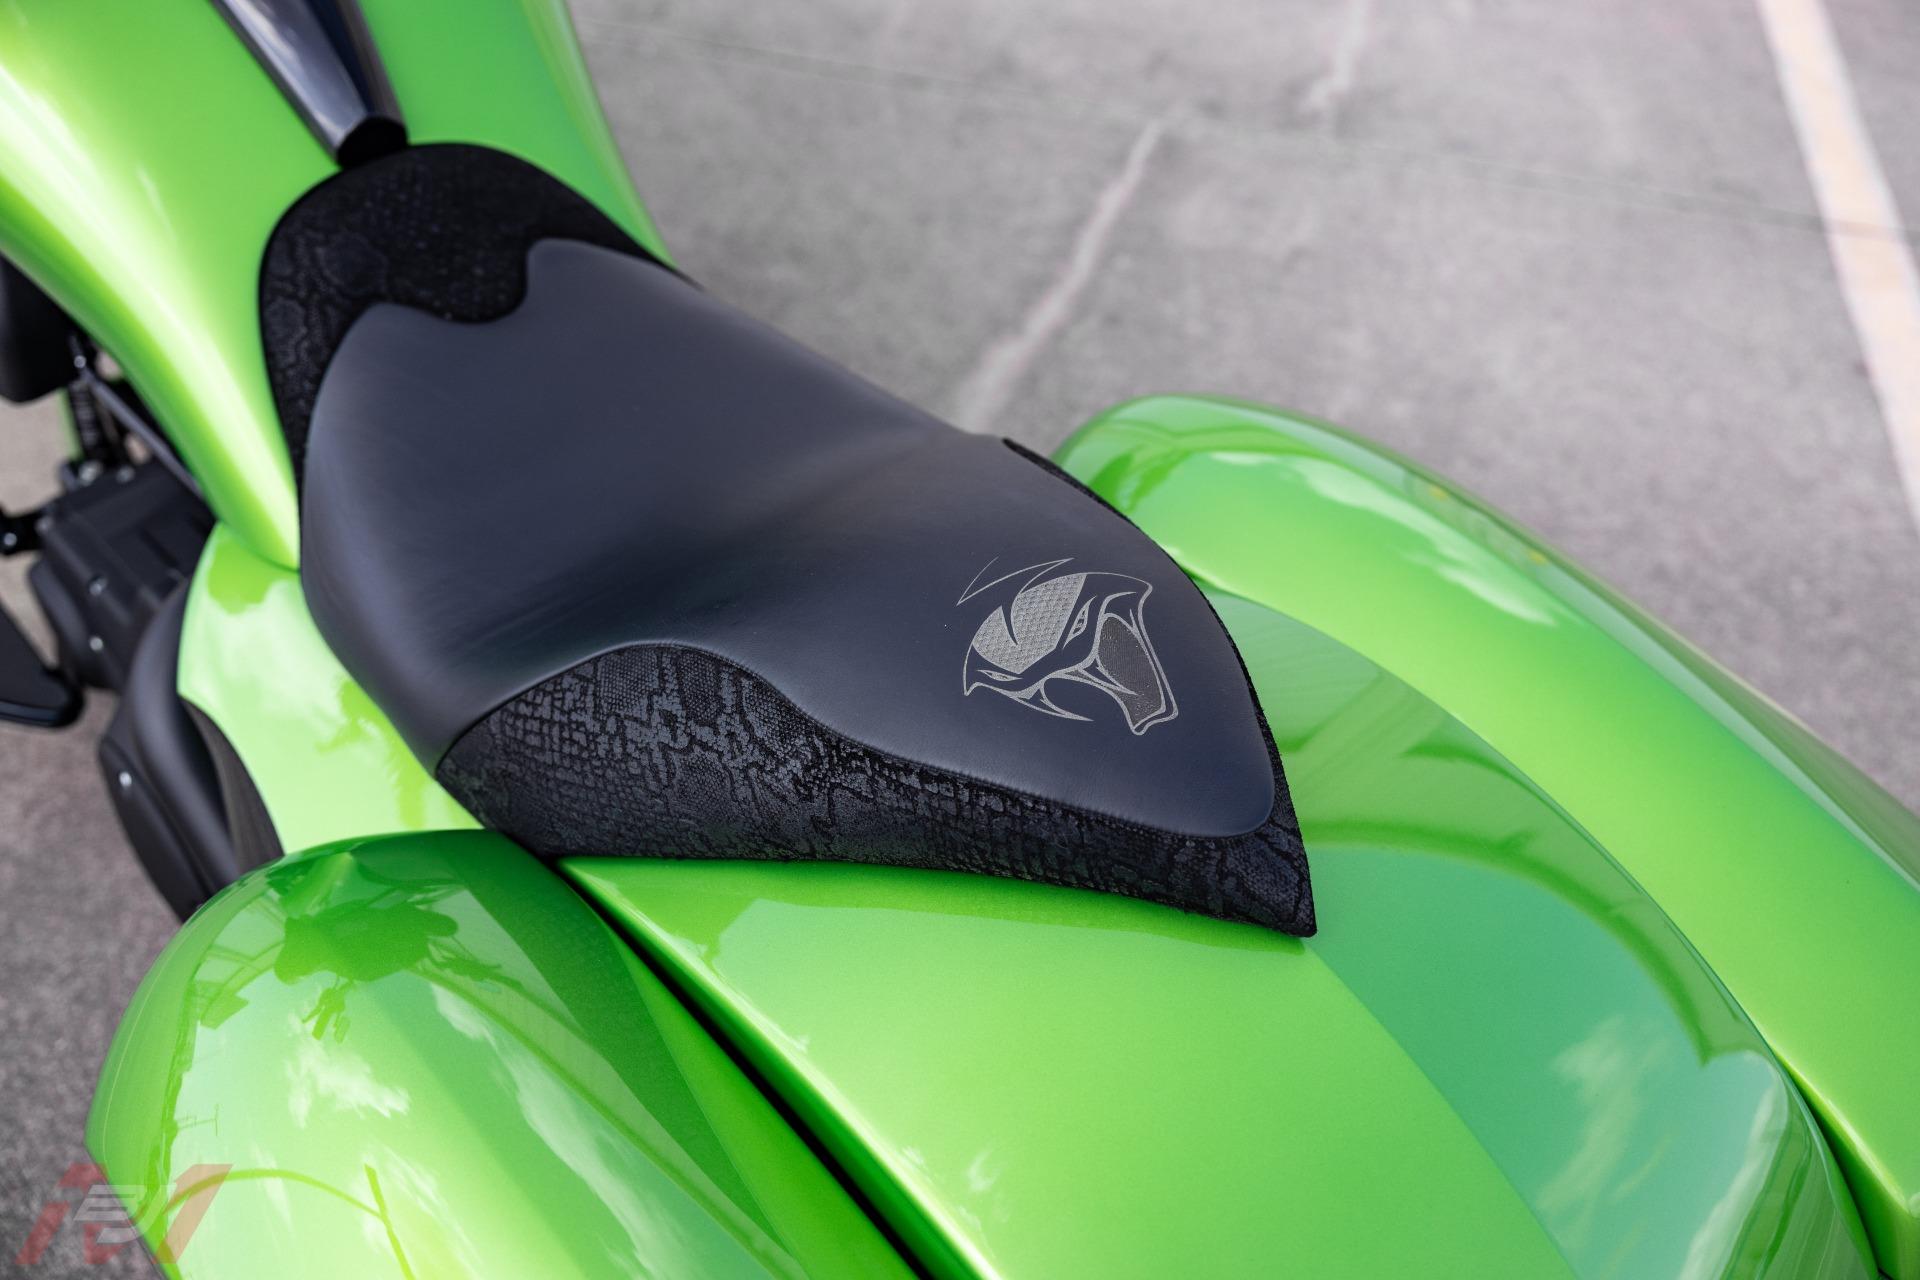 Used 2006 Harley Davidson Street Glide Custom Viper Bike